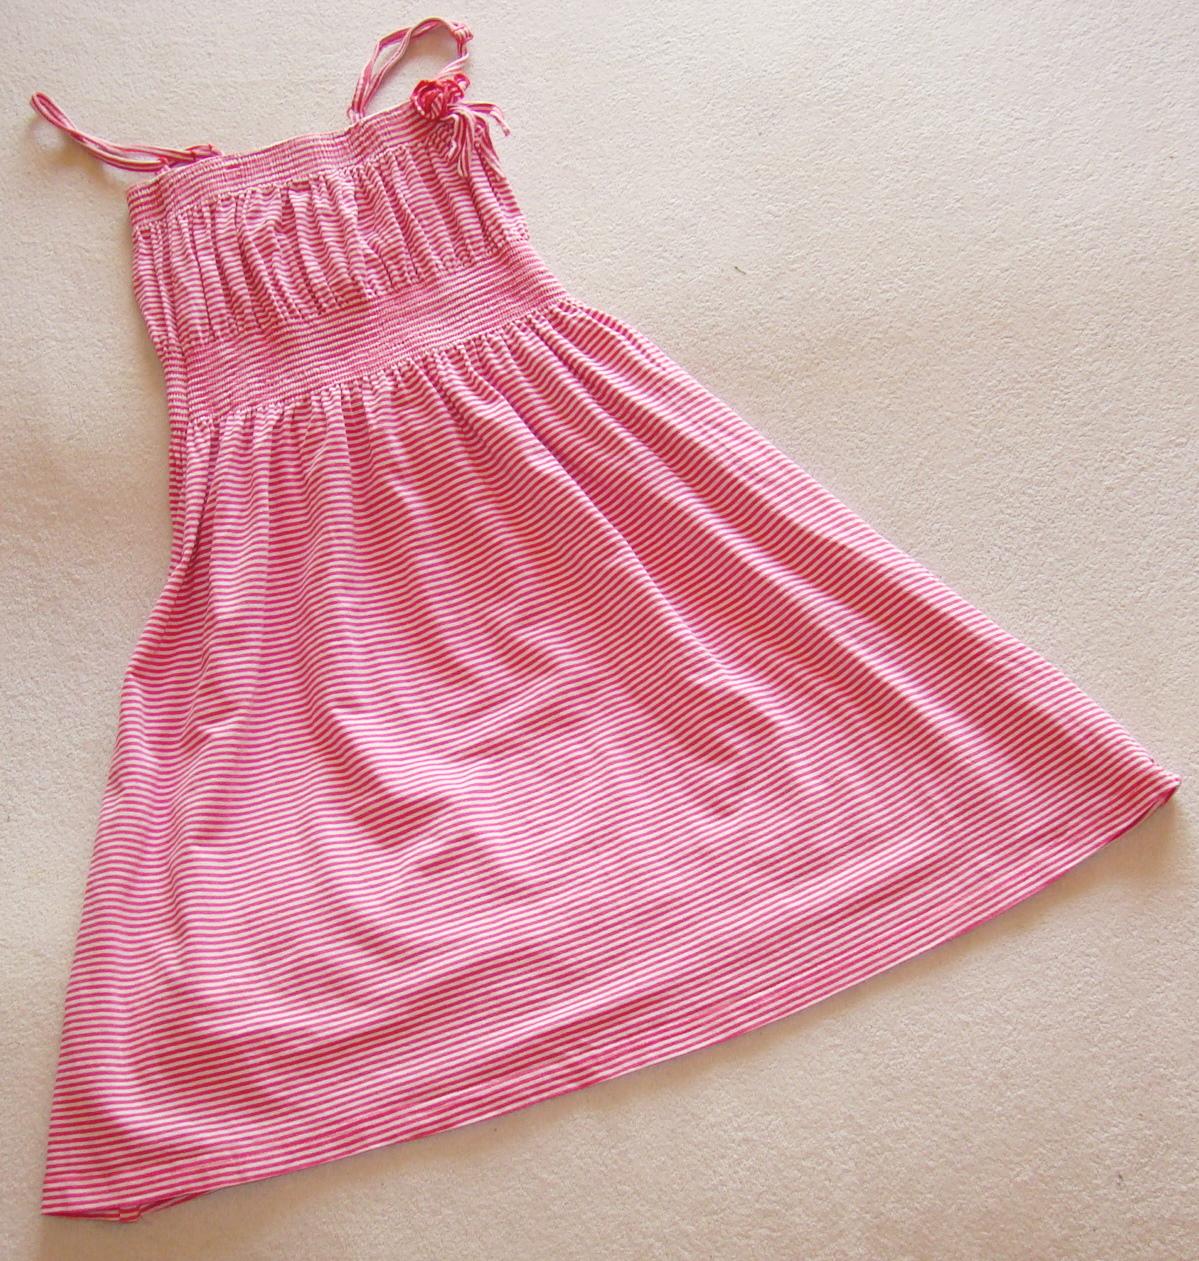 6dab89f8d8 Śliczna sukienka 140 cm 9-10 lat LATO PASECZKI - 7392333500 ...